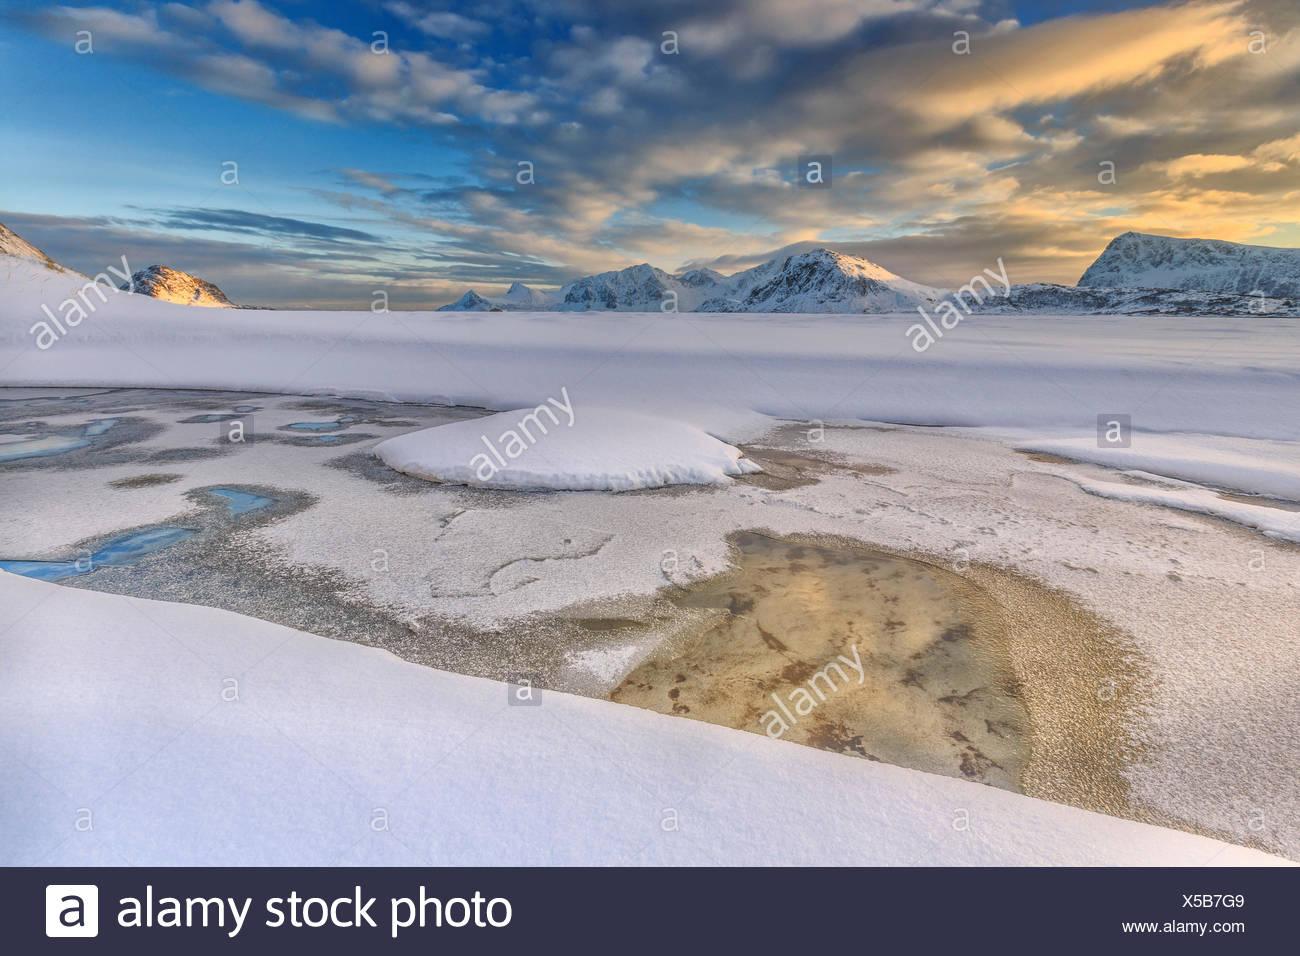 Le golden sunrise compte dans un bassin de la mer limpide où la neige est presque fondu. Haukland Lofoten, Norvège Europe Banque D'Images